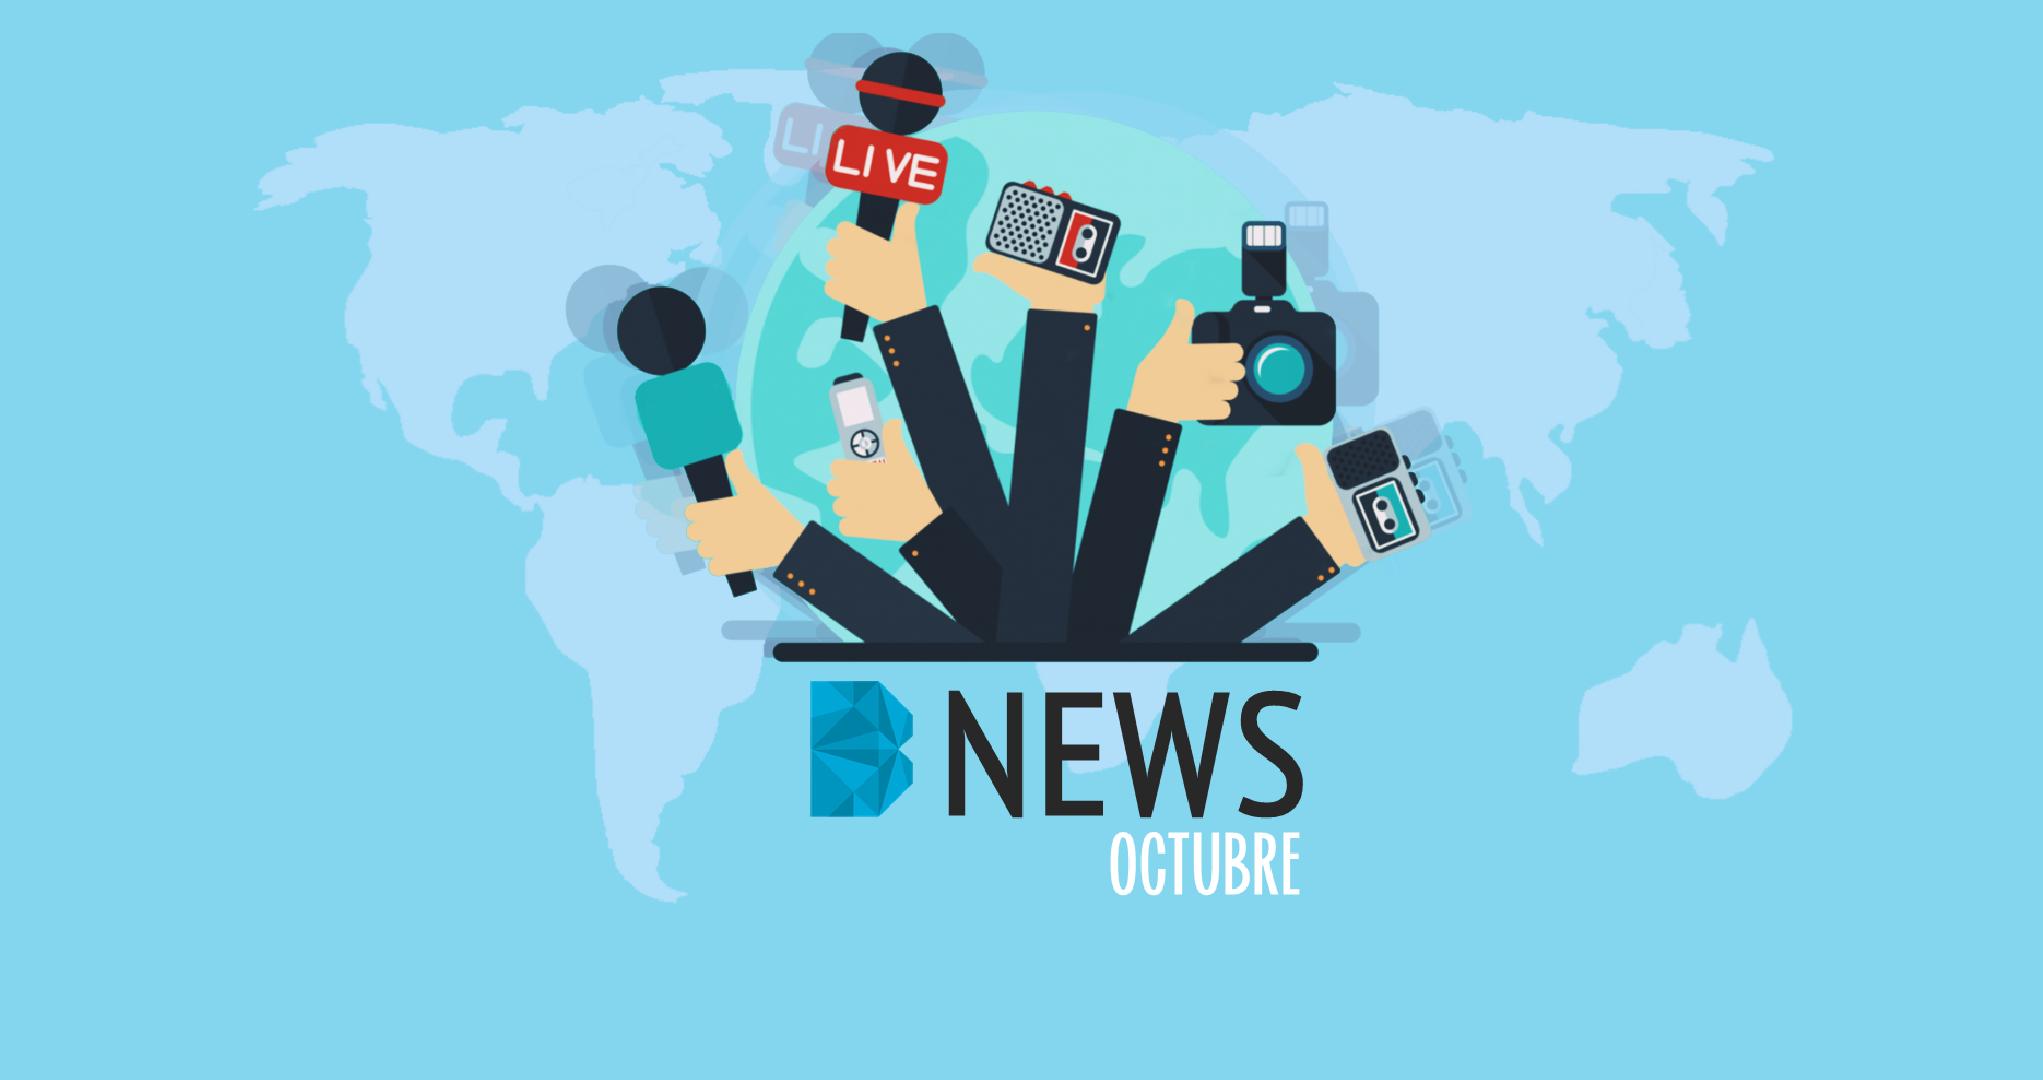 BNEWS Octubre 2018